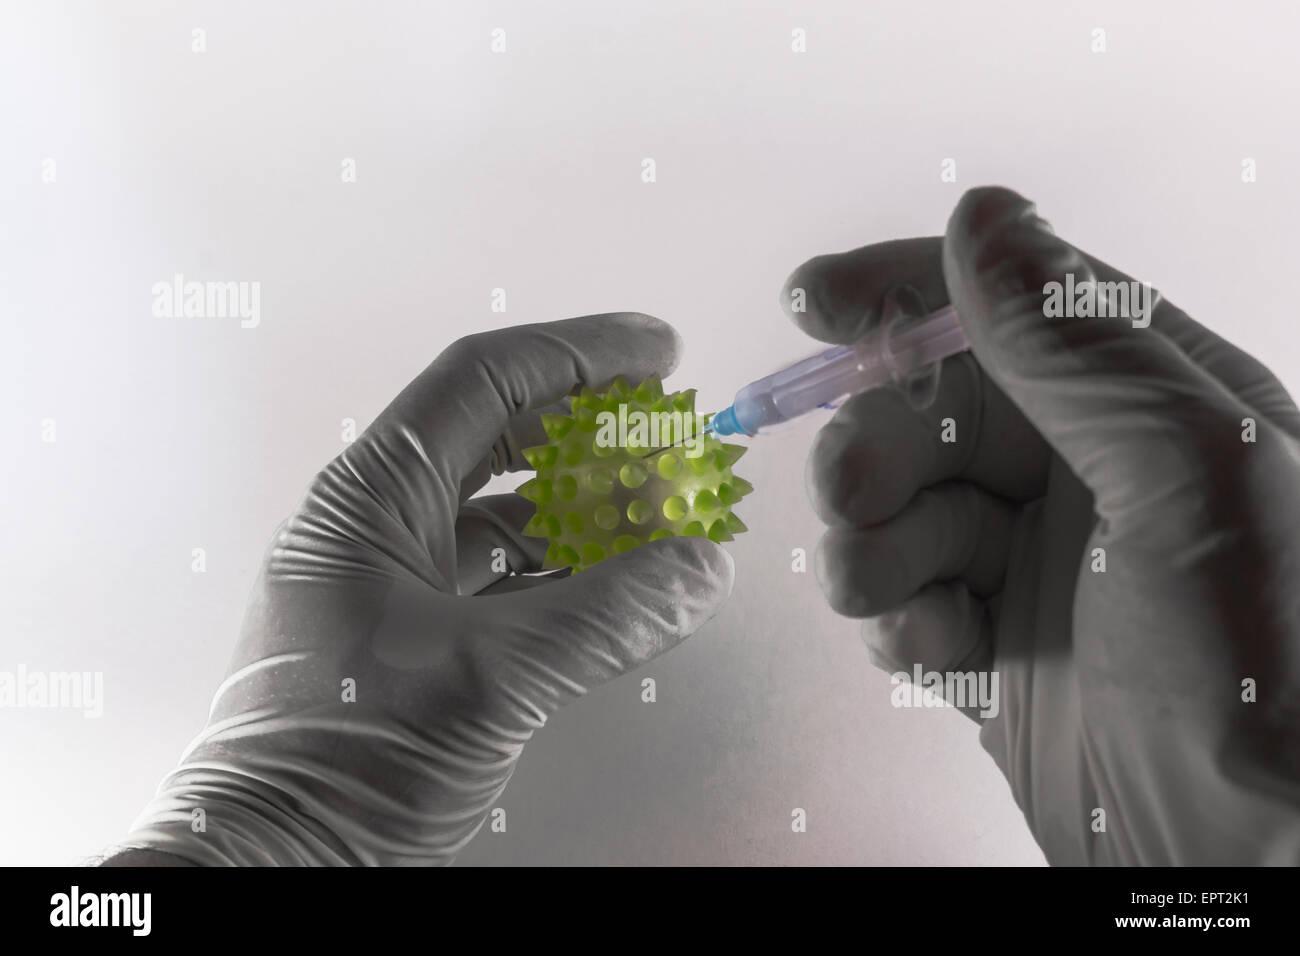 Lattice di due mani rivestito di iniettare una siringa ipodermica in un ampio e verde virus su sfondo bianco Foto Stock